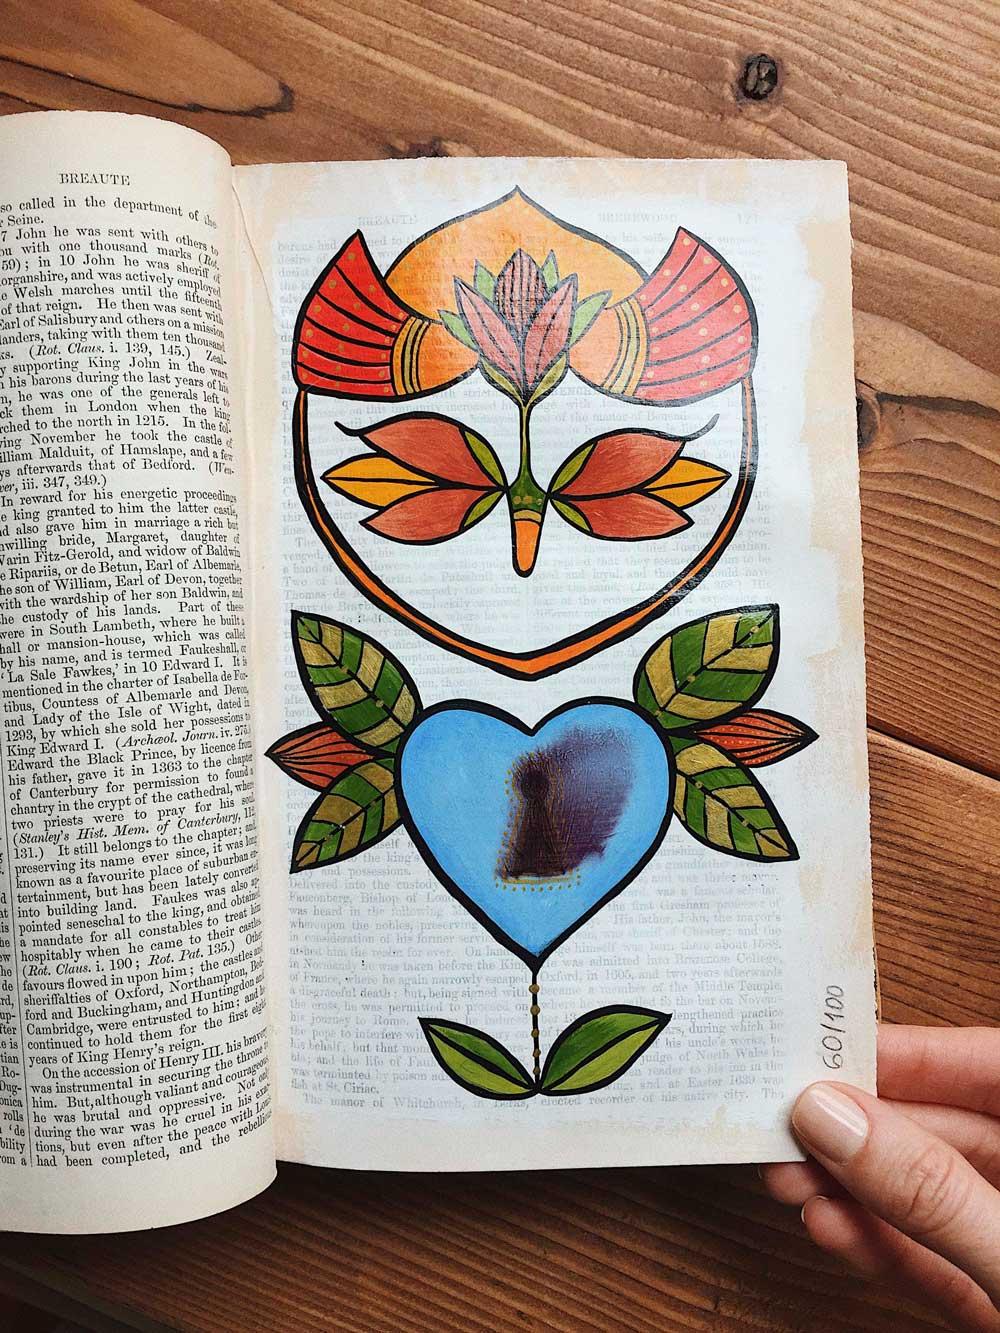 flower-eyes-book-page-painting-eve-devore-60.jpg